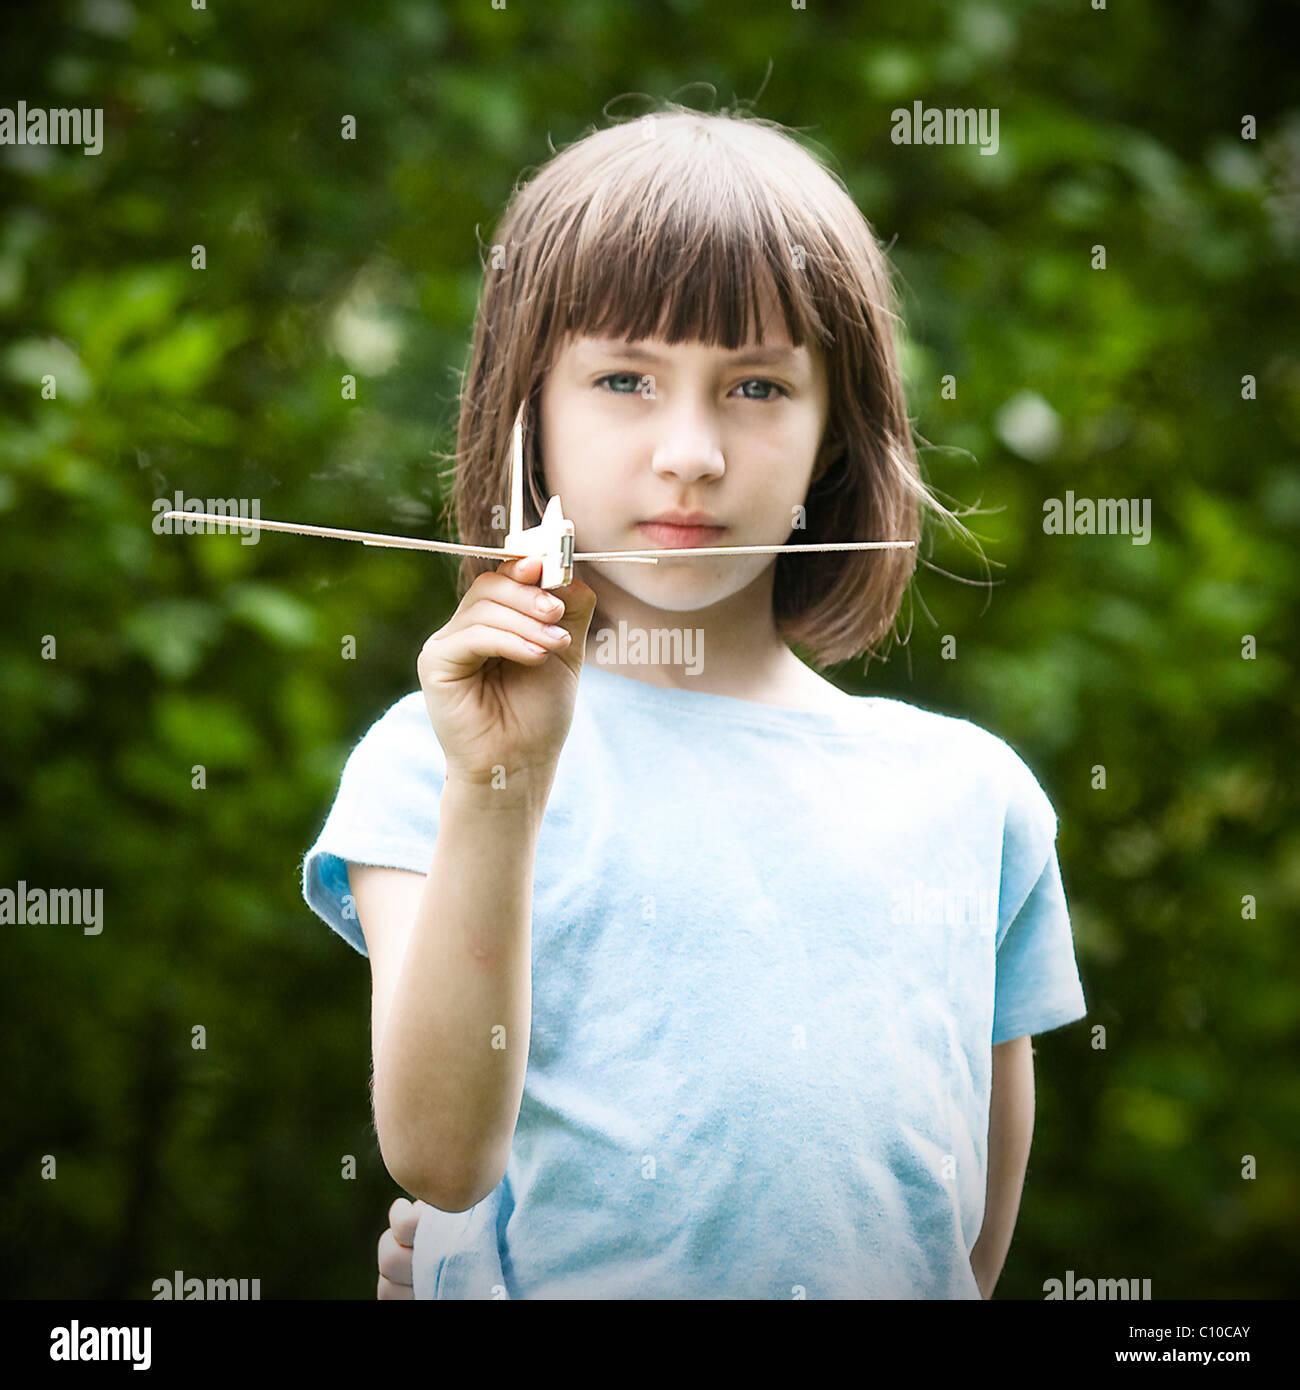 Ein zehn Jahre altes Mädchen hält ein Spielflugzeug Balsa Holz. Stockbild